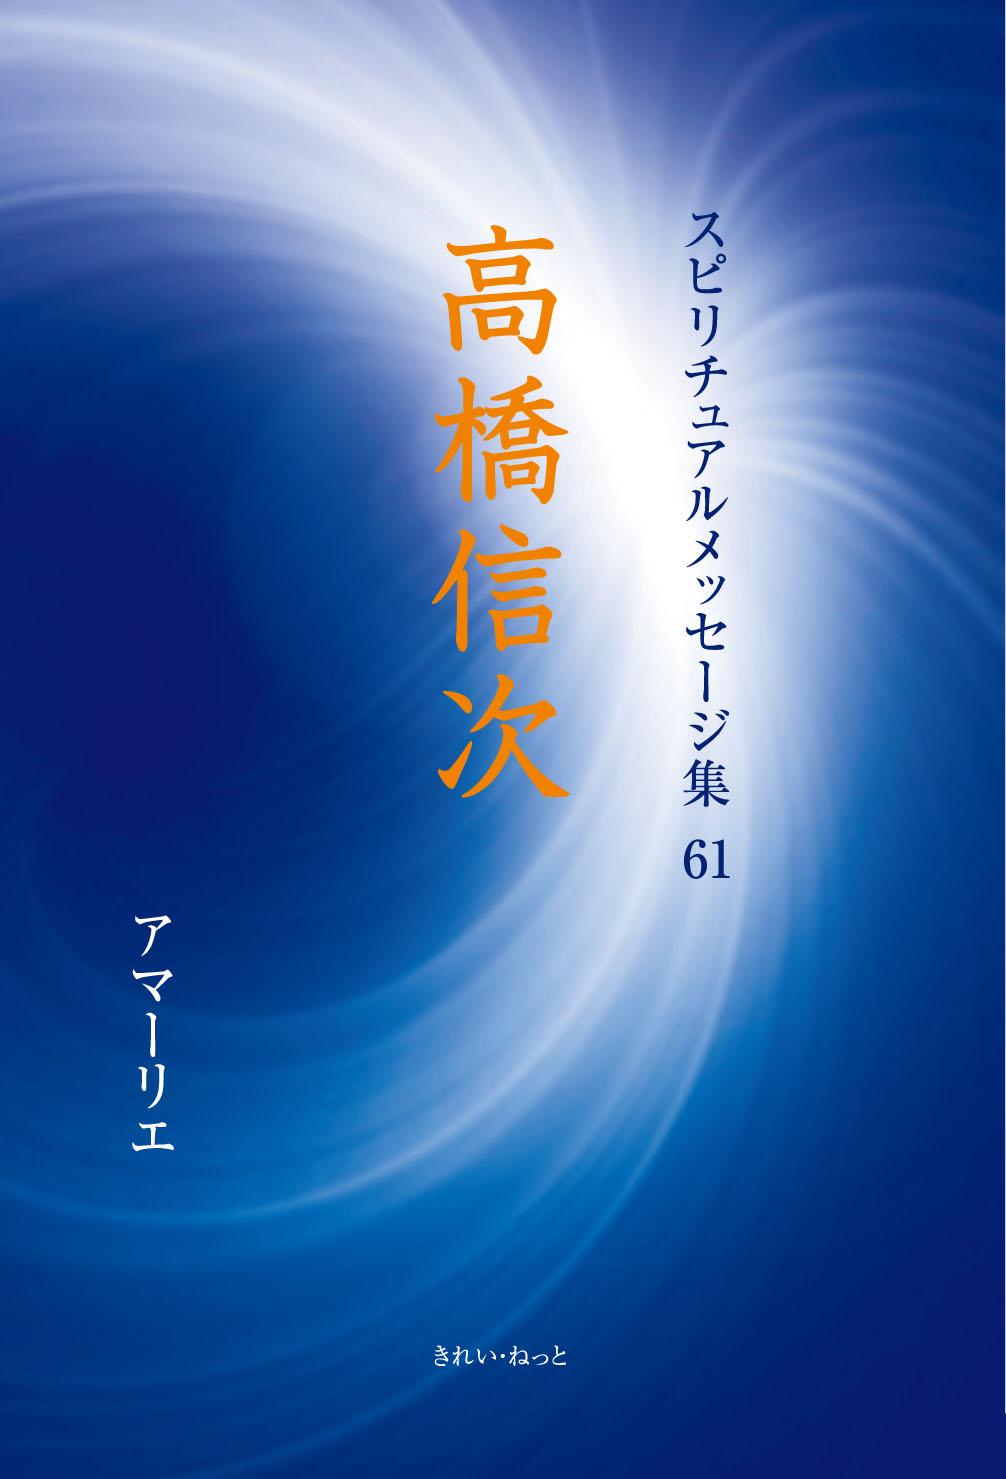 画像1: スピリチュアルメッセージ集 第7期書籍10冊セット (1)